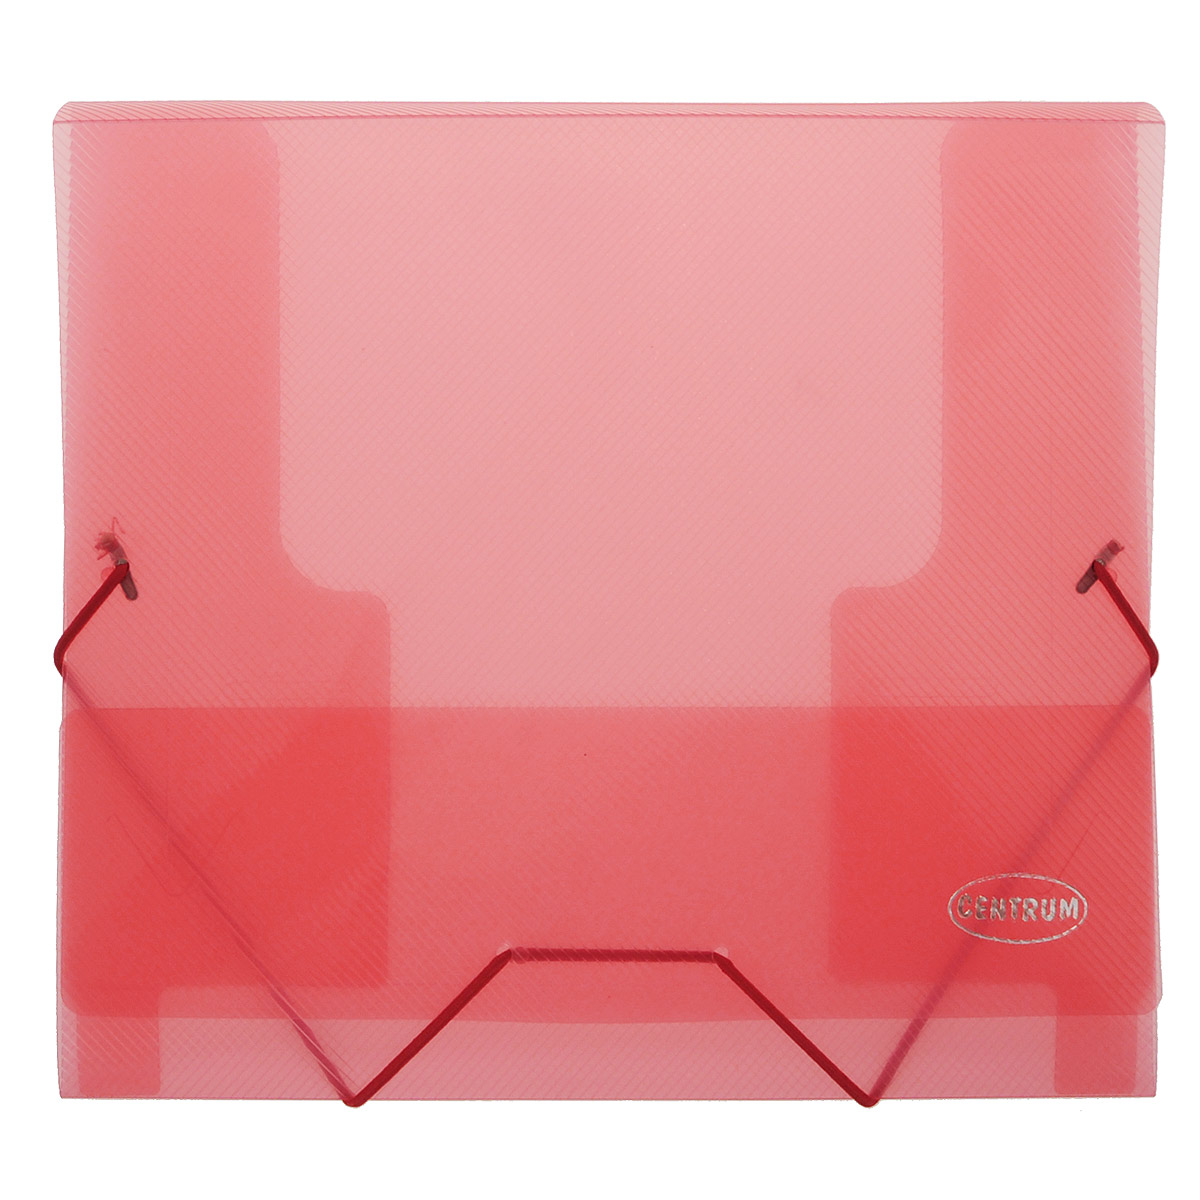 Папка-конверт на резинках Centrum, формат А5, цвет: красныйFS-36052Папка-конверт на резинке Centrum - это удобный и функциональный офисный инструмент, предназначенный для хранения и транспортировки рабочих бумаг и документов формата А5.Папка с двойной угловой фиксацией резиновой лентой изготовлена из износостойкого полупрозрачного полипропилена.Внутри папка имеет три клапана, что обеспечивает надежную фиксацию бумаг и документов. Оформлена тиснением в виде параллельной штриховки. Папка - это незаменимый атрибут для студента, школьника, офисного работника. Такая папка надежно сохранит ваши документы и сбережет их от повреждений, пыли и влаги.